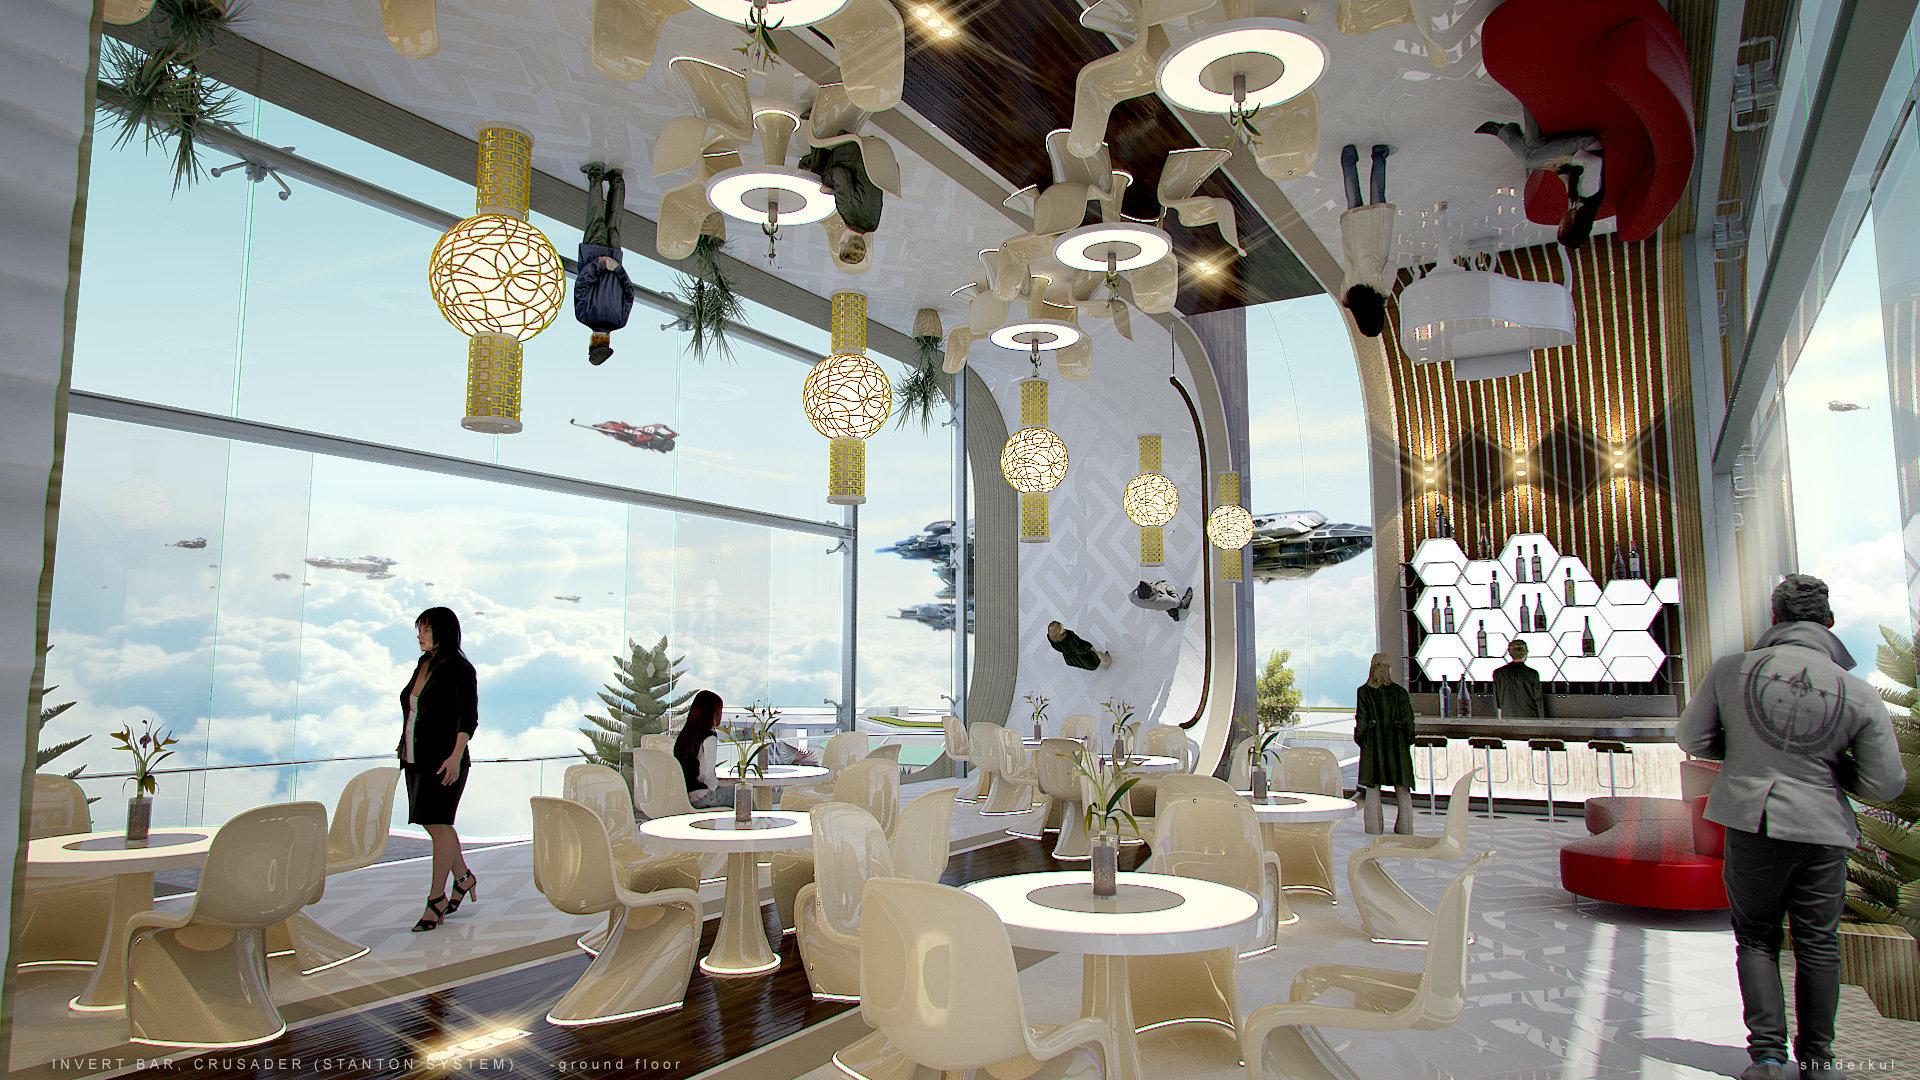 The Citizen Bar Restaurant